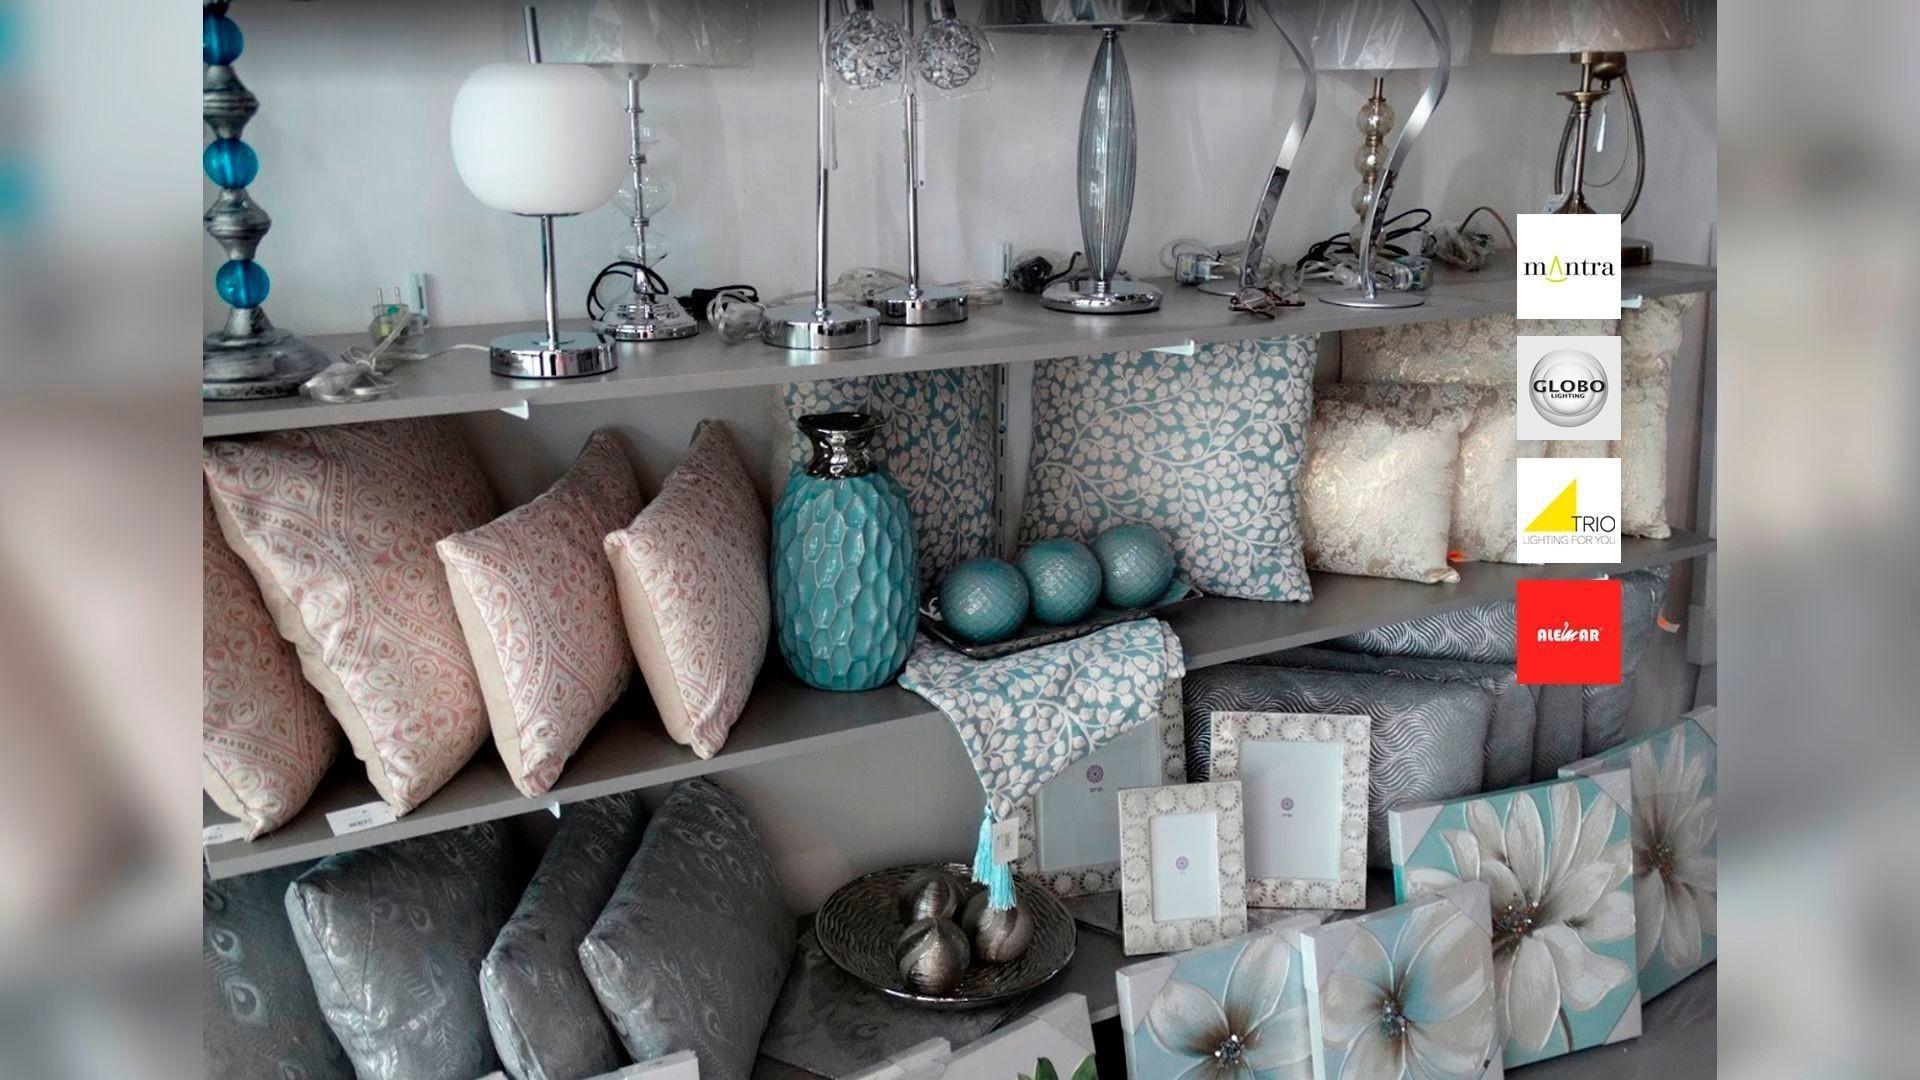 Venta de lámparas y artículos de decoración en Sevilla